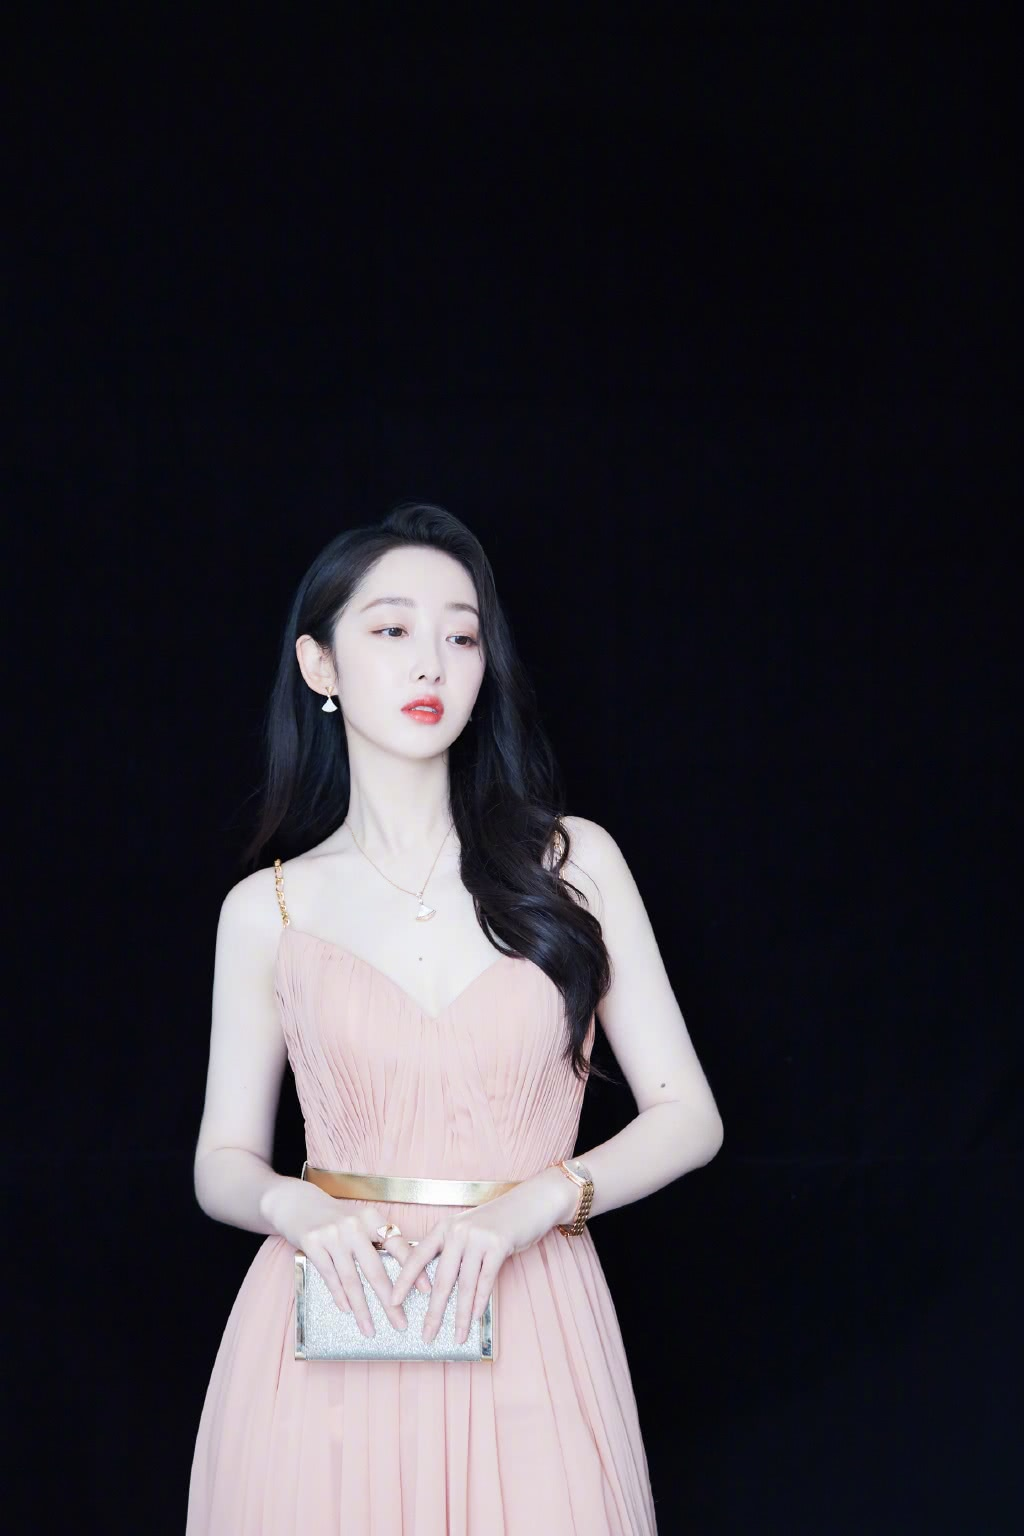 <b>蒋梦婕摆拍图被疯传,看到高清镜头下她的颜值,我真的羡慕了</b>